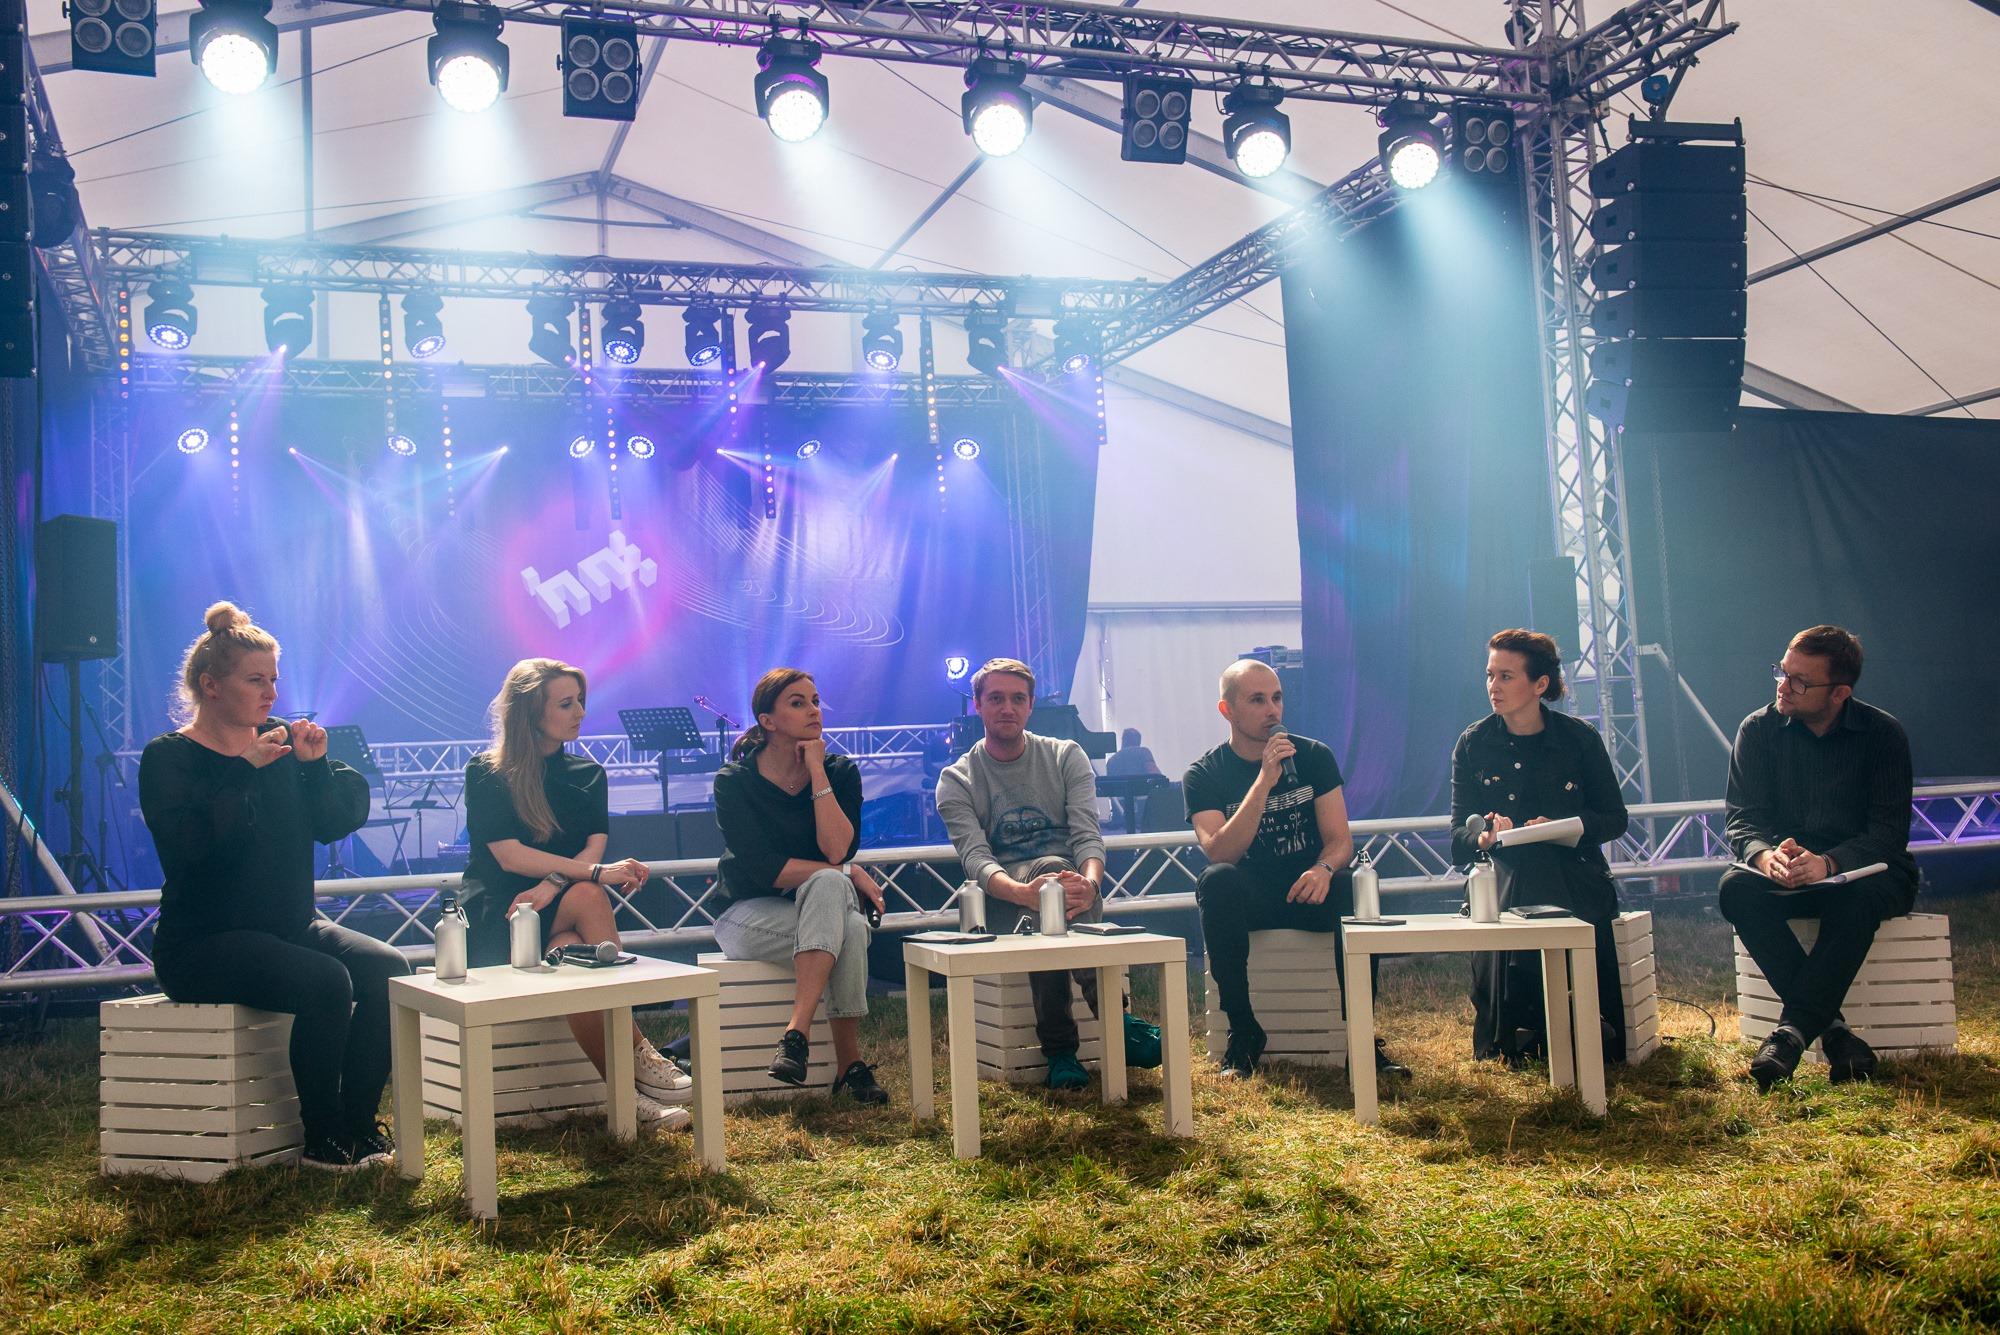 [Zdjęcie przedstawia grupę ludzi siedzących obok siebie w półokregu na białych skrzynkach, na trawie - cztery kobiety i trzech mężczyzn. Przed nimi ustawione są białe stoliki. W tle widoczna jest scena z logo festiwalu Wschód Kultury - Inne Brzmienia. Światła zamieszczone na metalowej konstrukcji skierowane są w stronę siedzących. Jeden z mężczyzn wypowiada się do mikrofonu, jedna z kobiet tłumaczy jego wypowiedź na język migowy. Reszta osób słucha z zainteresowaniem.]